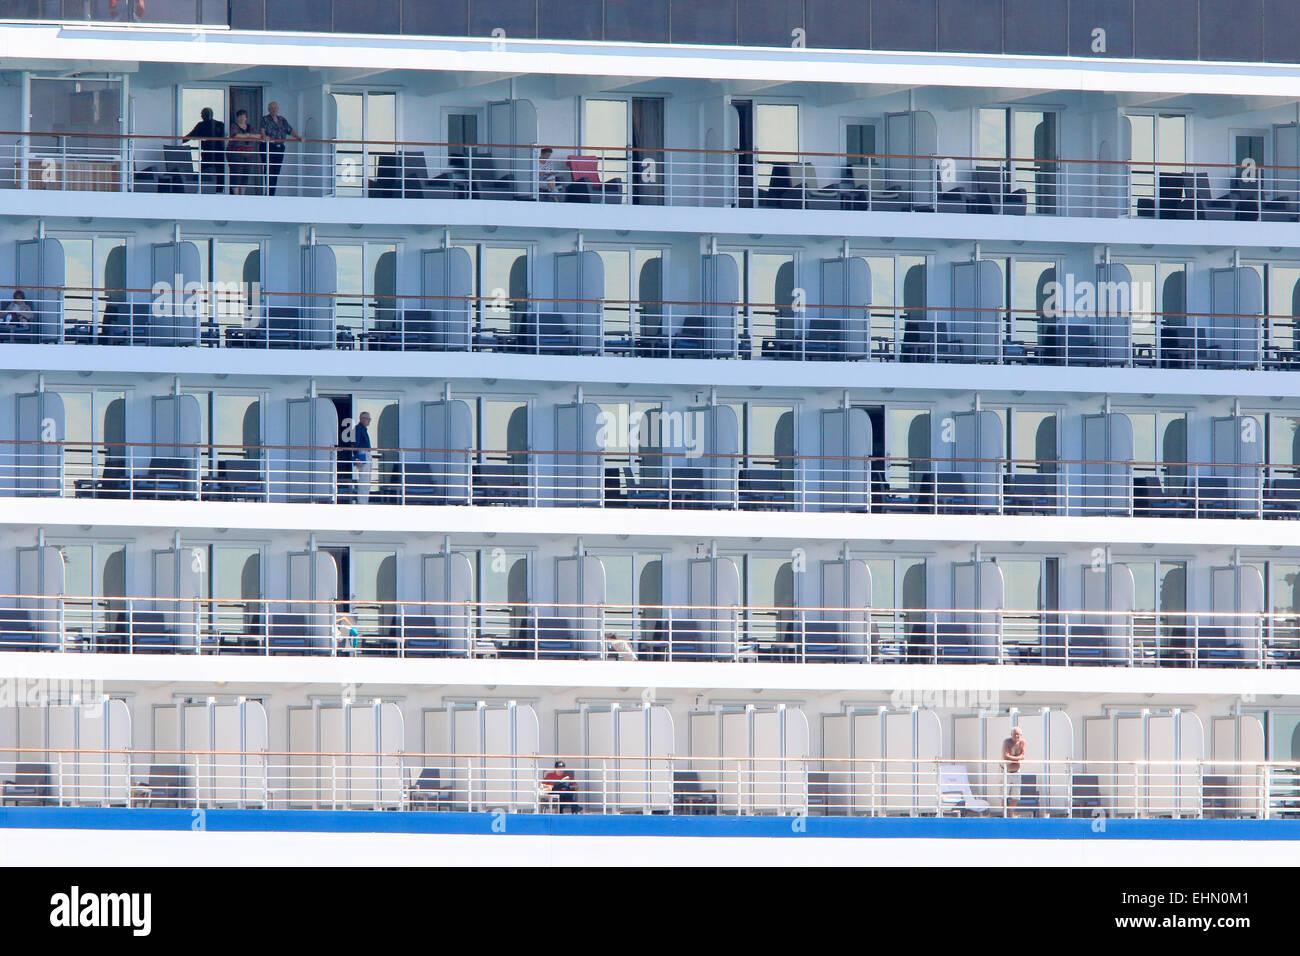 Kreuzfahrtschiff mit Passagieren am Balkon stehen. Stockbild